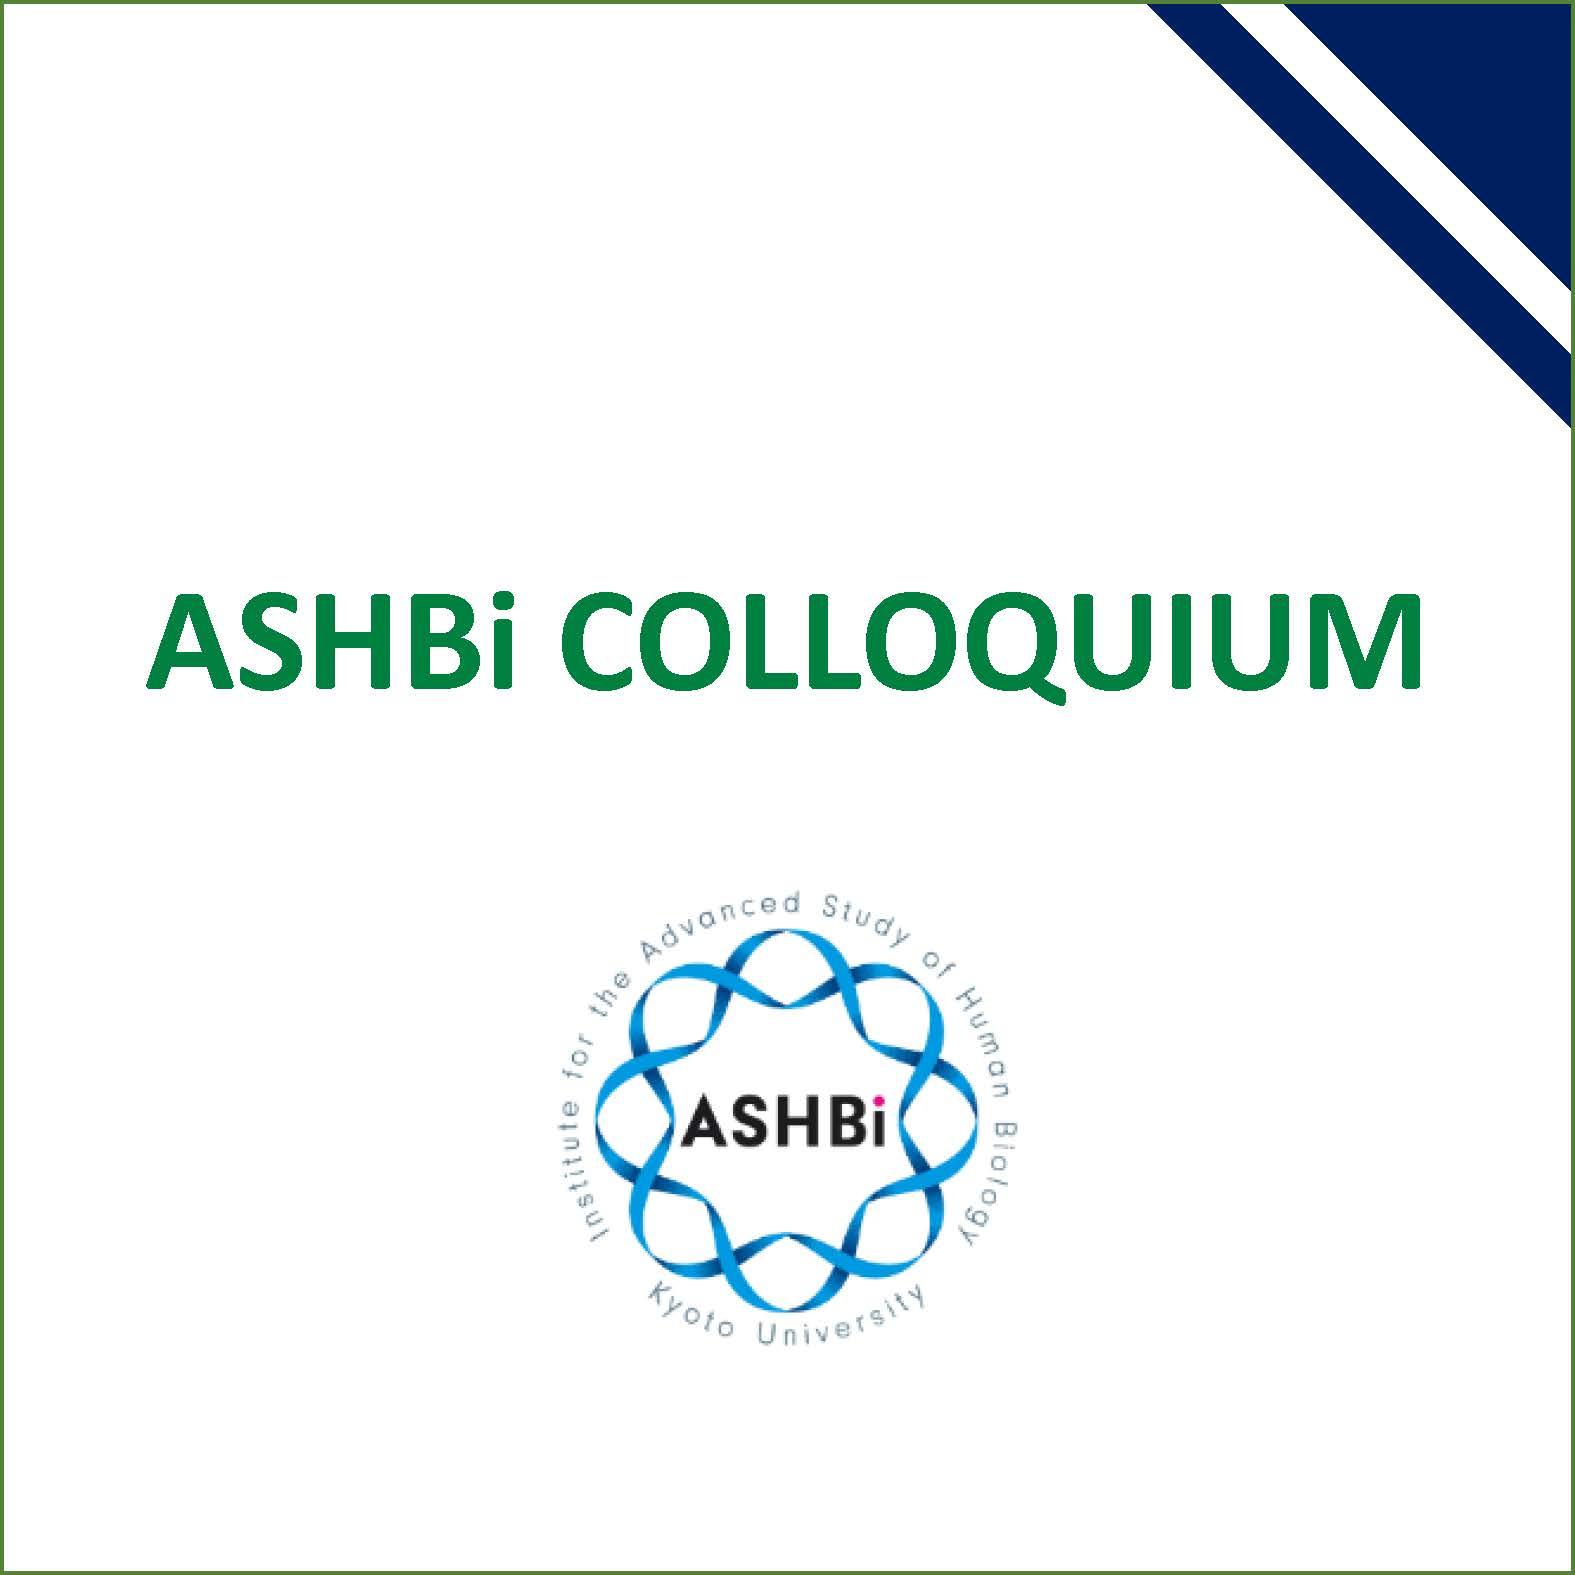 ASHBi Colloquium